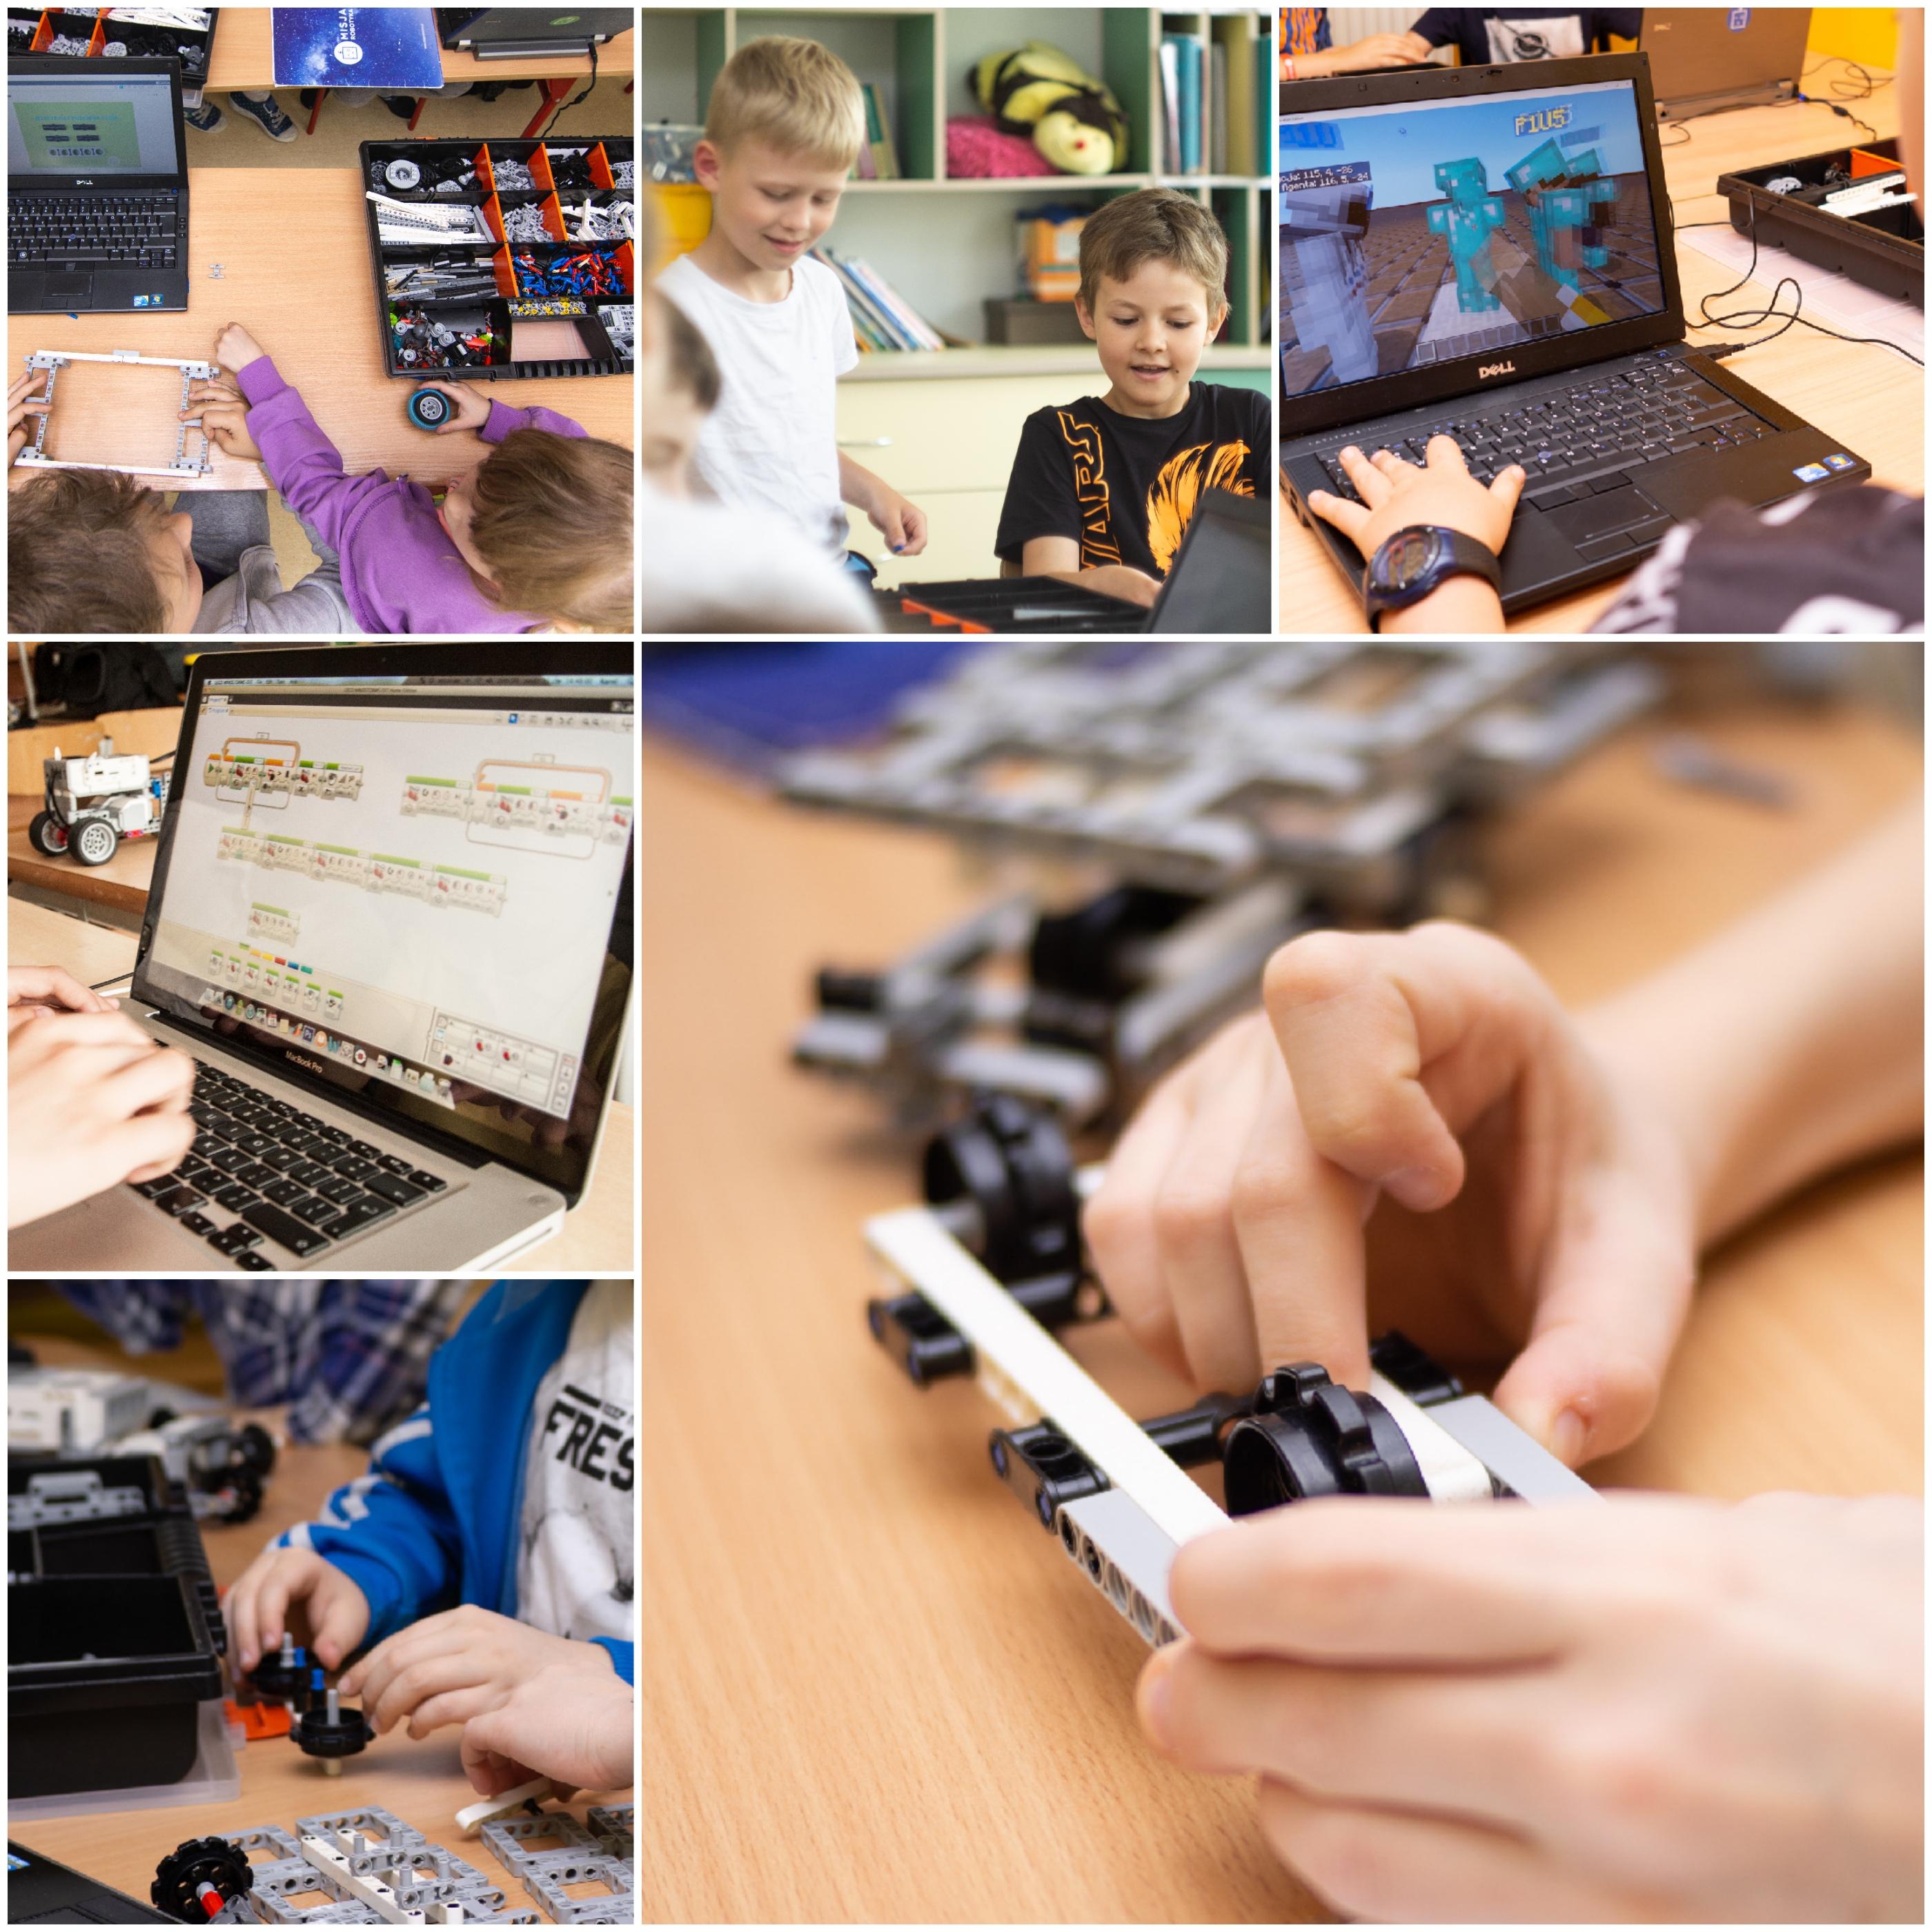 Galeria Robotyki Misja Robotyka Nauka Programowania Zajęcia pozalekcyjne z Robotyki i Programowania dla Dzieci Ożarów Mazowiecki zajęcia pozalekcyjne z Robotyki dla Dzieci